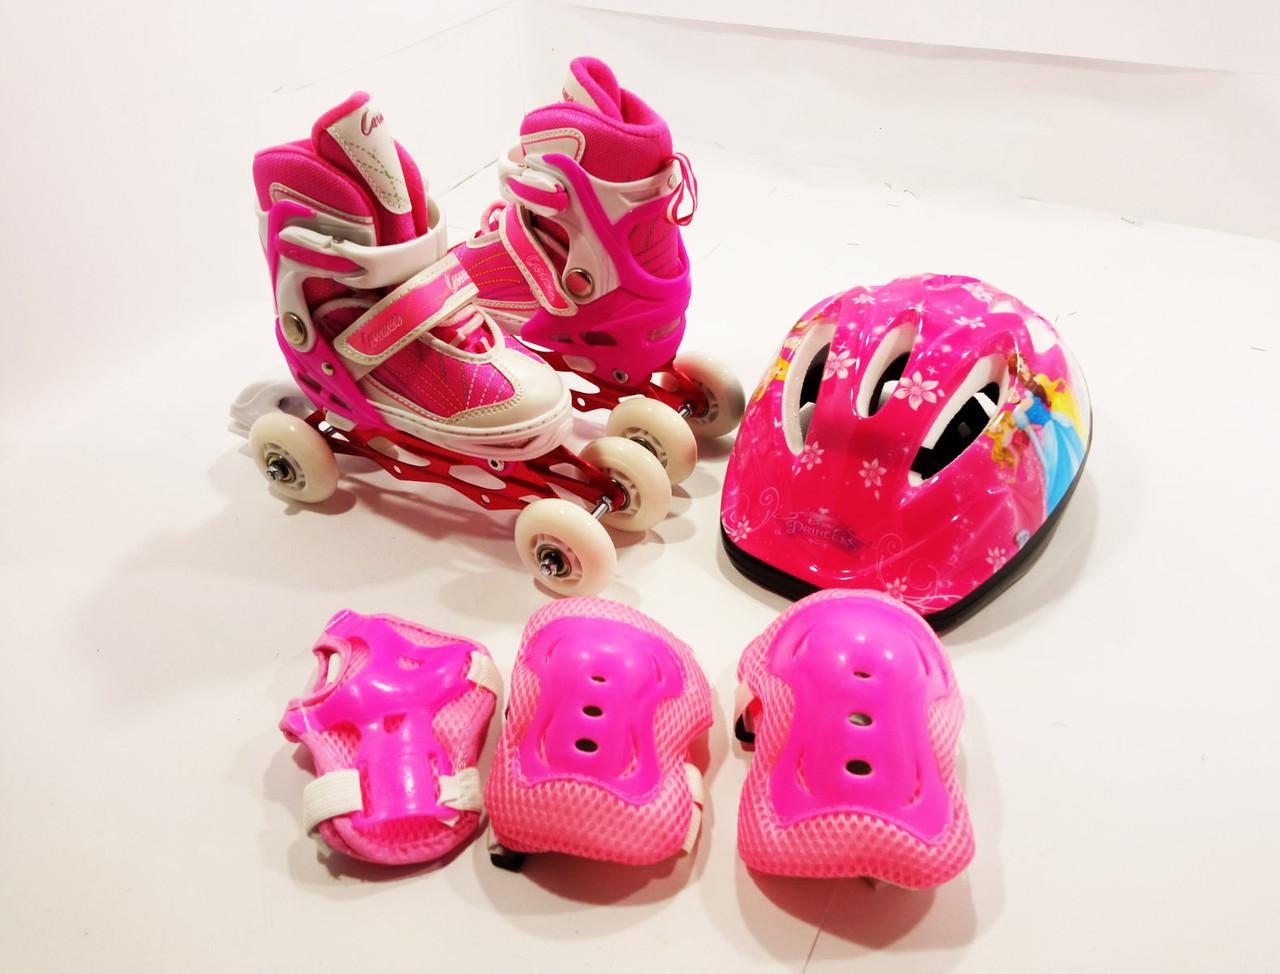 Дитячі ролики Сагомап для початківців квади +Шолом+Захист (2в1) розмір 27-31, 31-35, 36-39 рожевий колір